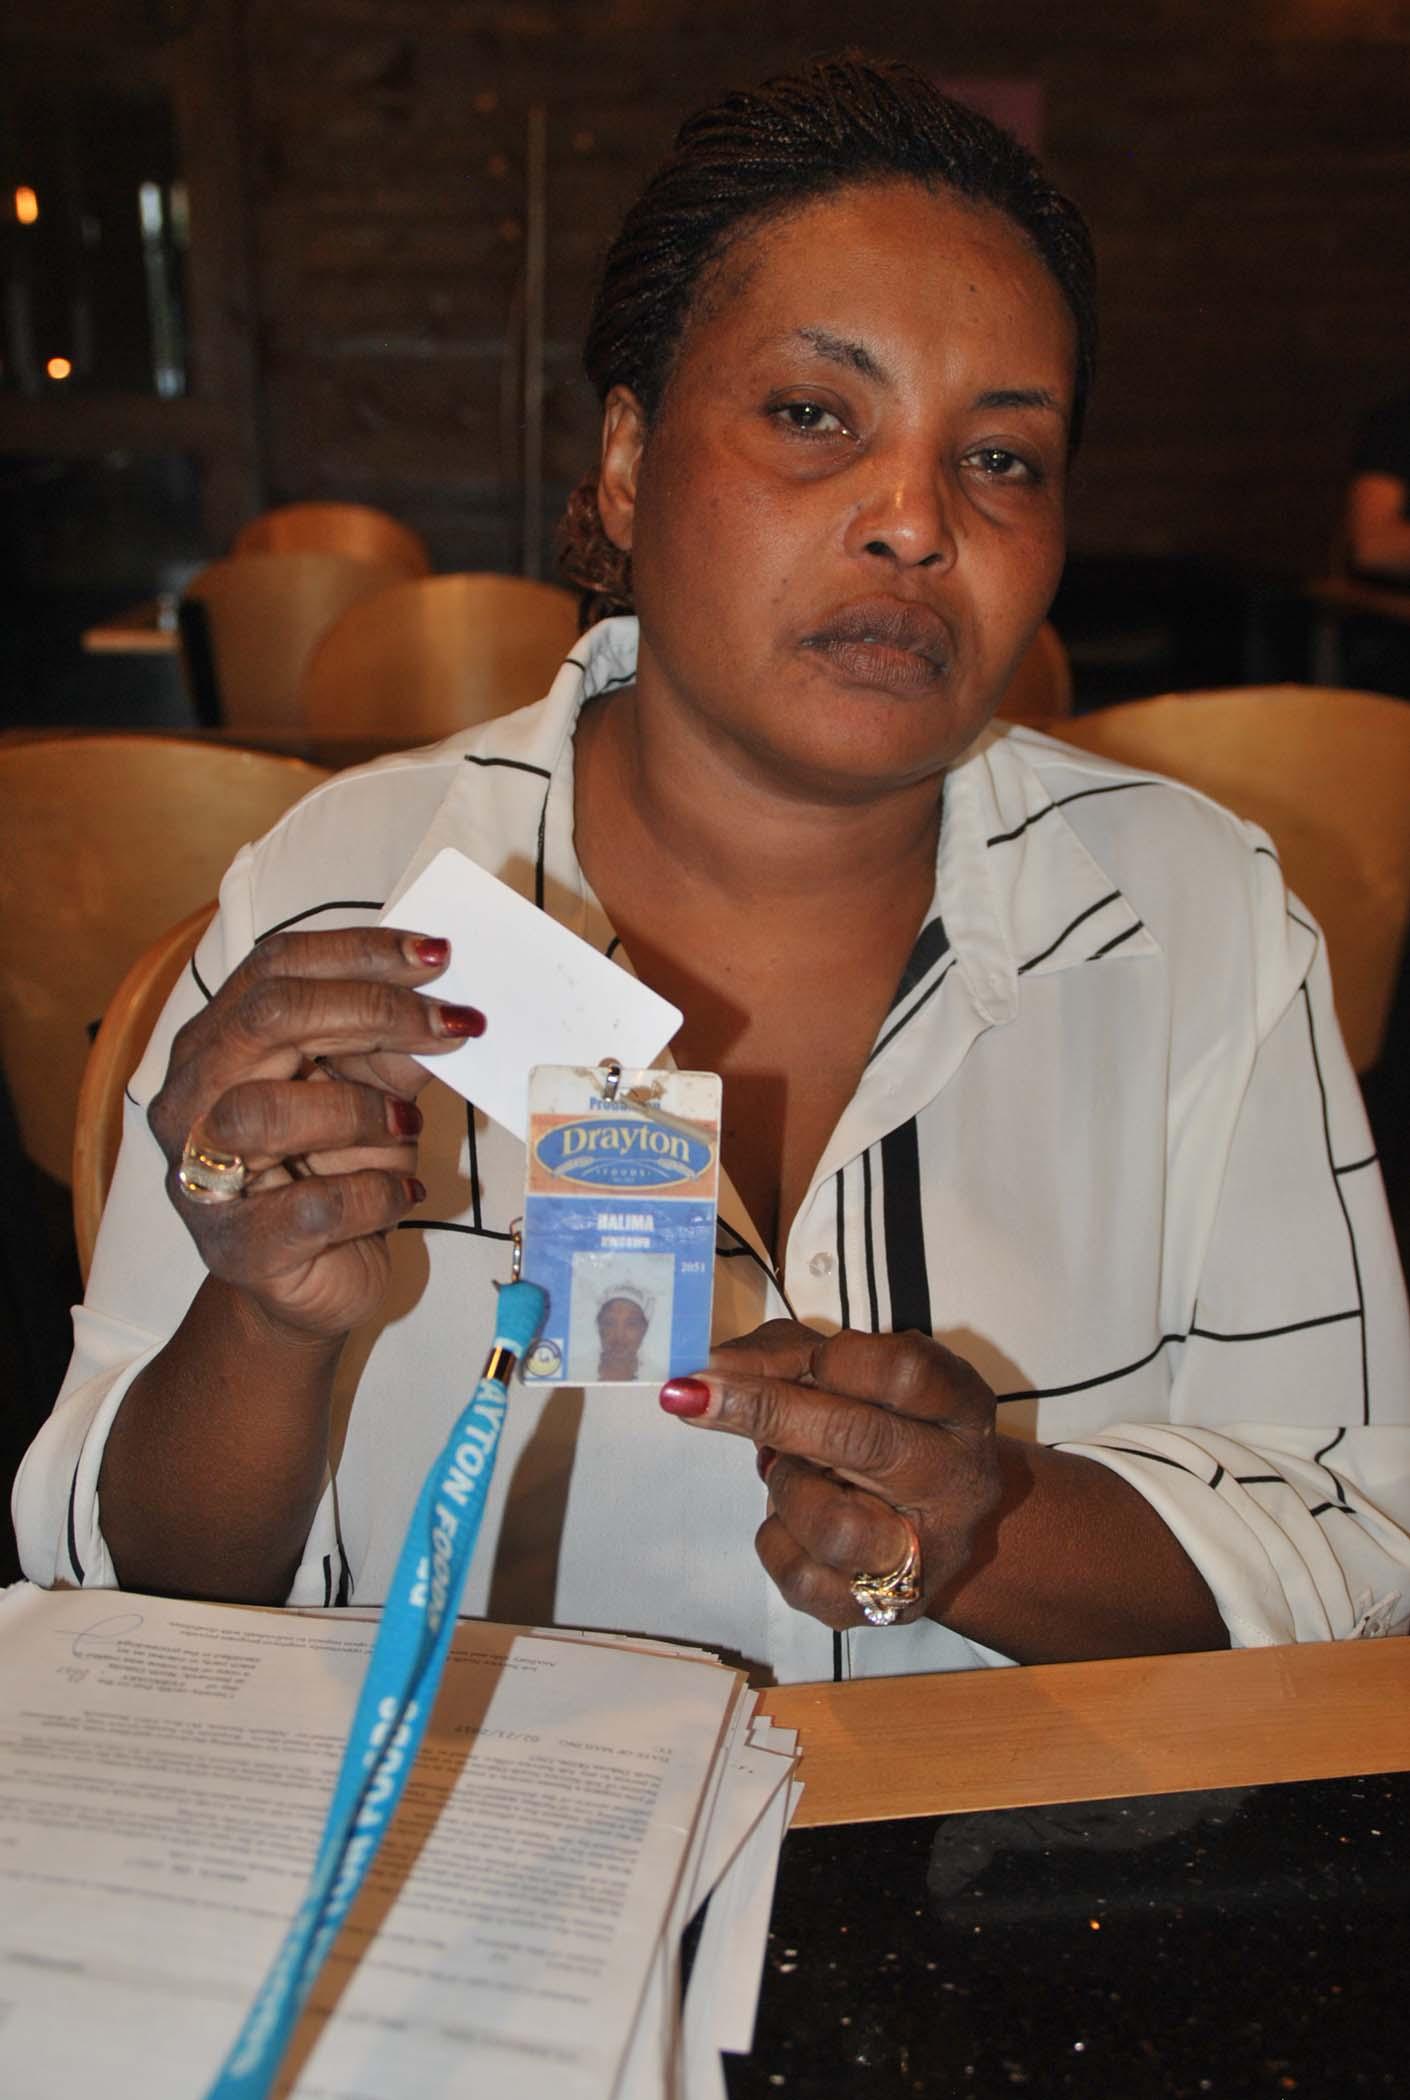 Halima Kwcrwb holds up her Drayton work tag - photo by C.S. Hagen